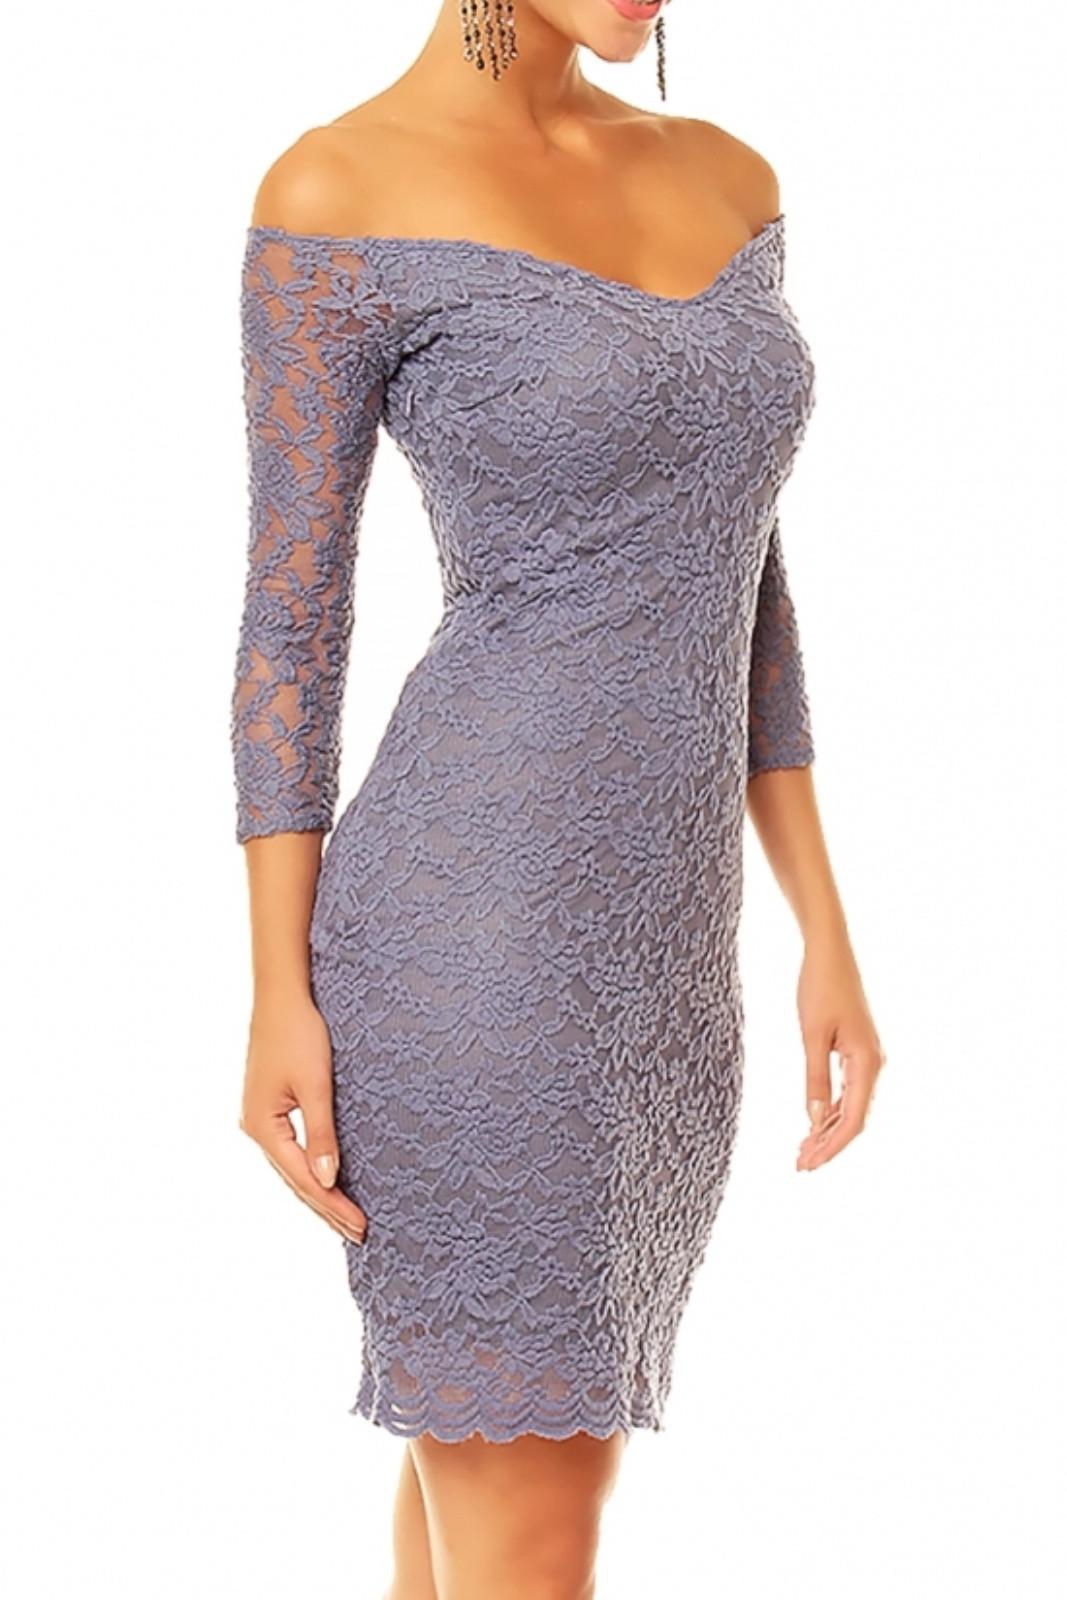 Dámské společenské šaty MAYAADI krajkové s 3/4 rukávem krátké HS-338 tmavě šedá XL